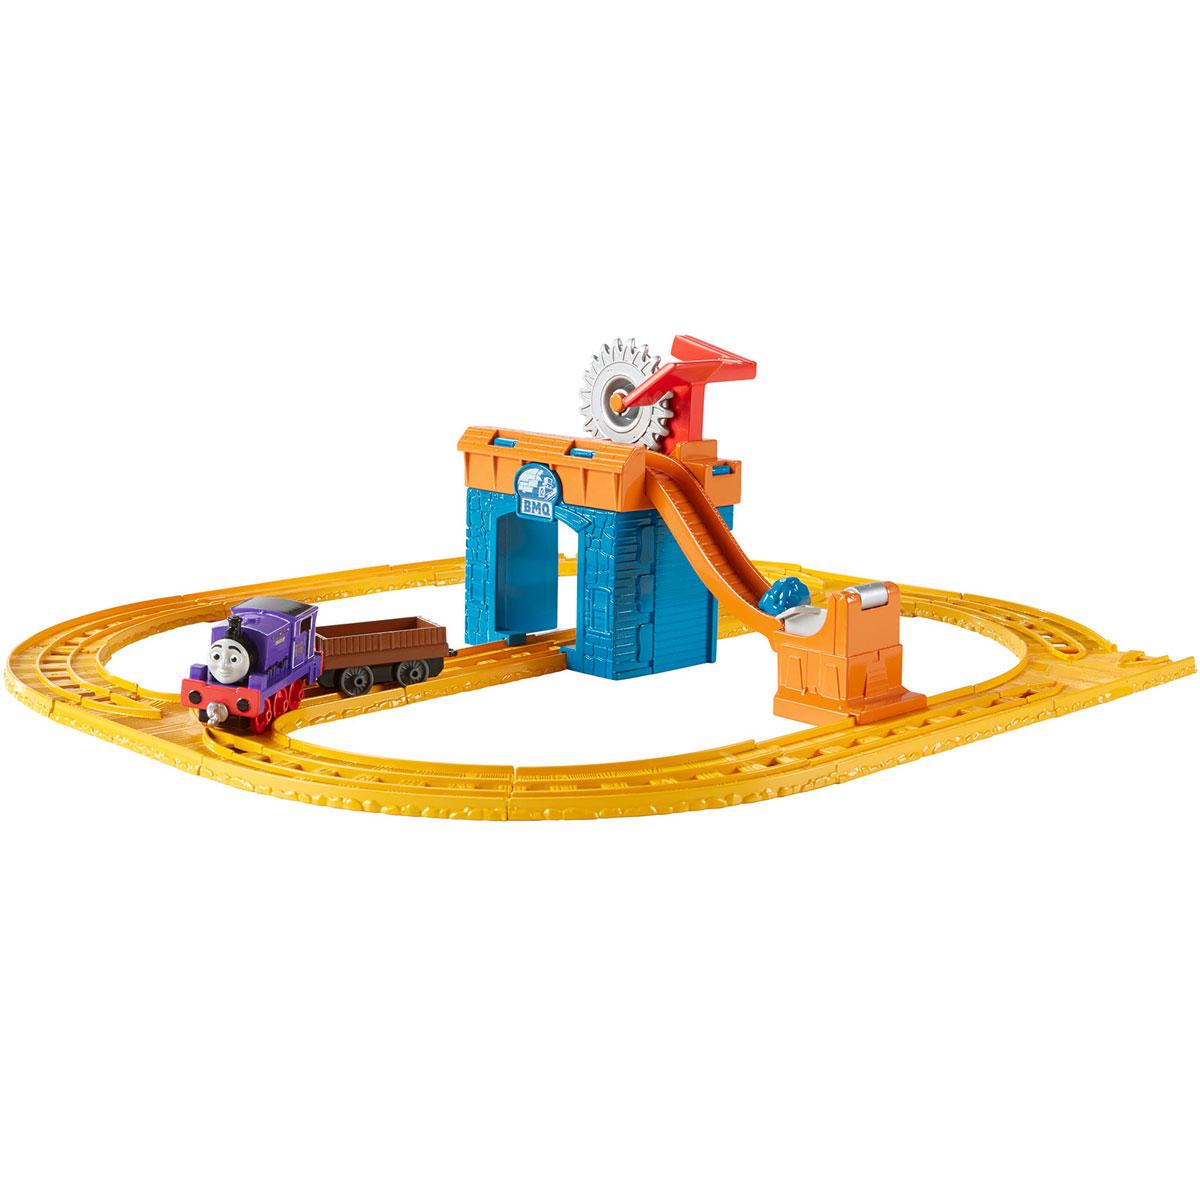 Thomas&Friends Игровой набор Collectible Railway Чарли за работойCDV08Thomas&Friends Игровой набор Collectible Railway Чарли за работой позволит малышу построить погрузочную станцию вместе с железной дорогой для успешной работы паровозика Чарли. Погрузочная станция оснащена конвейером и ковшом, а также большой шестеренкой, вращение которой управляется с помощью педального механизма.